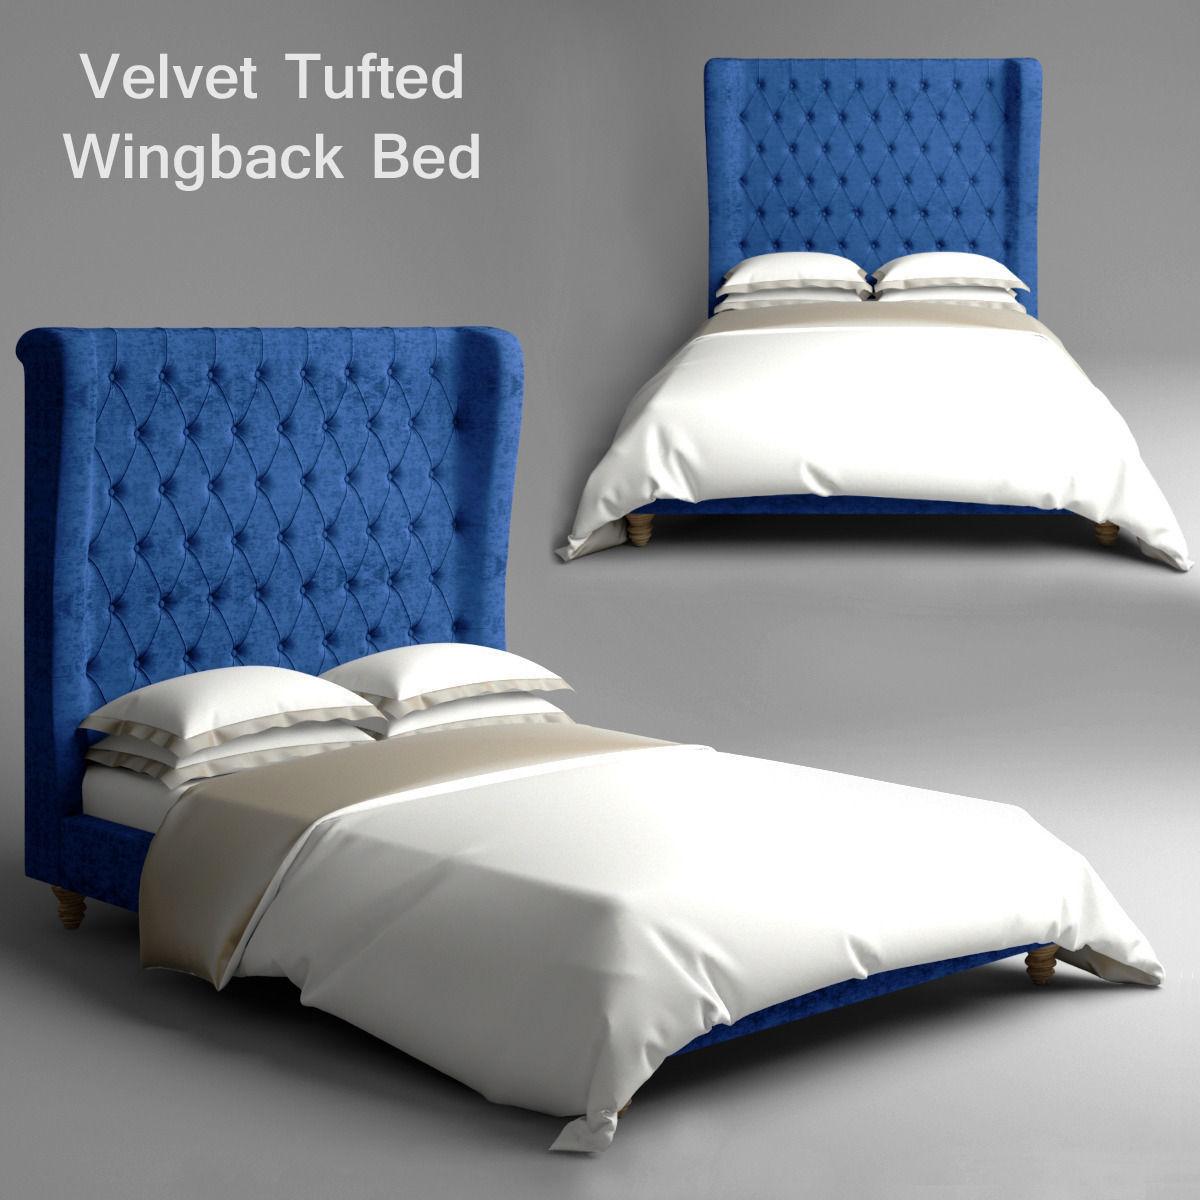 velvet tufted wingback bed d model max obj mtl . velvet tufted wingback bed d  cgtrader